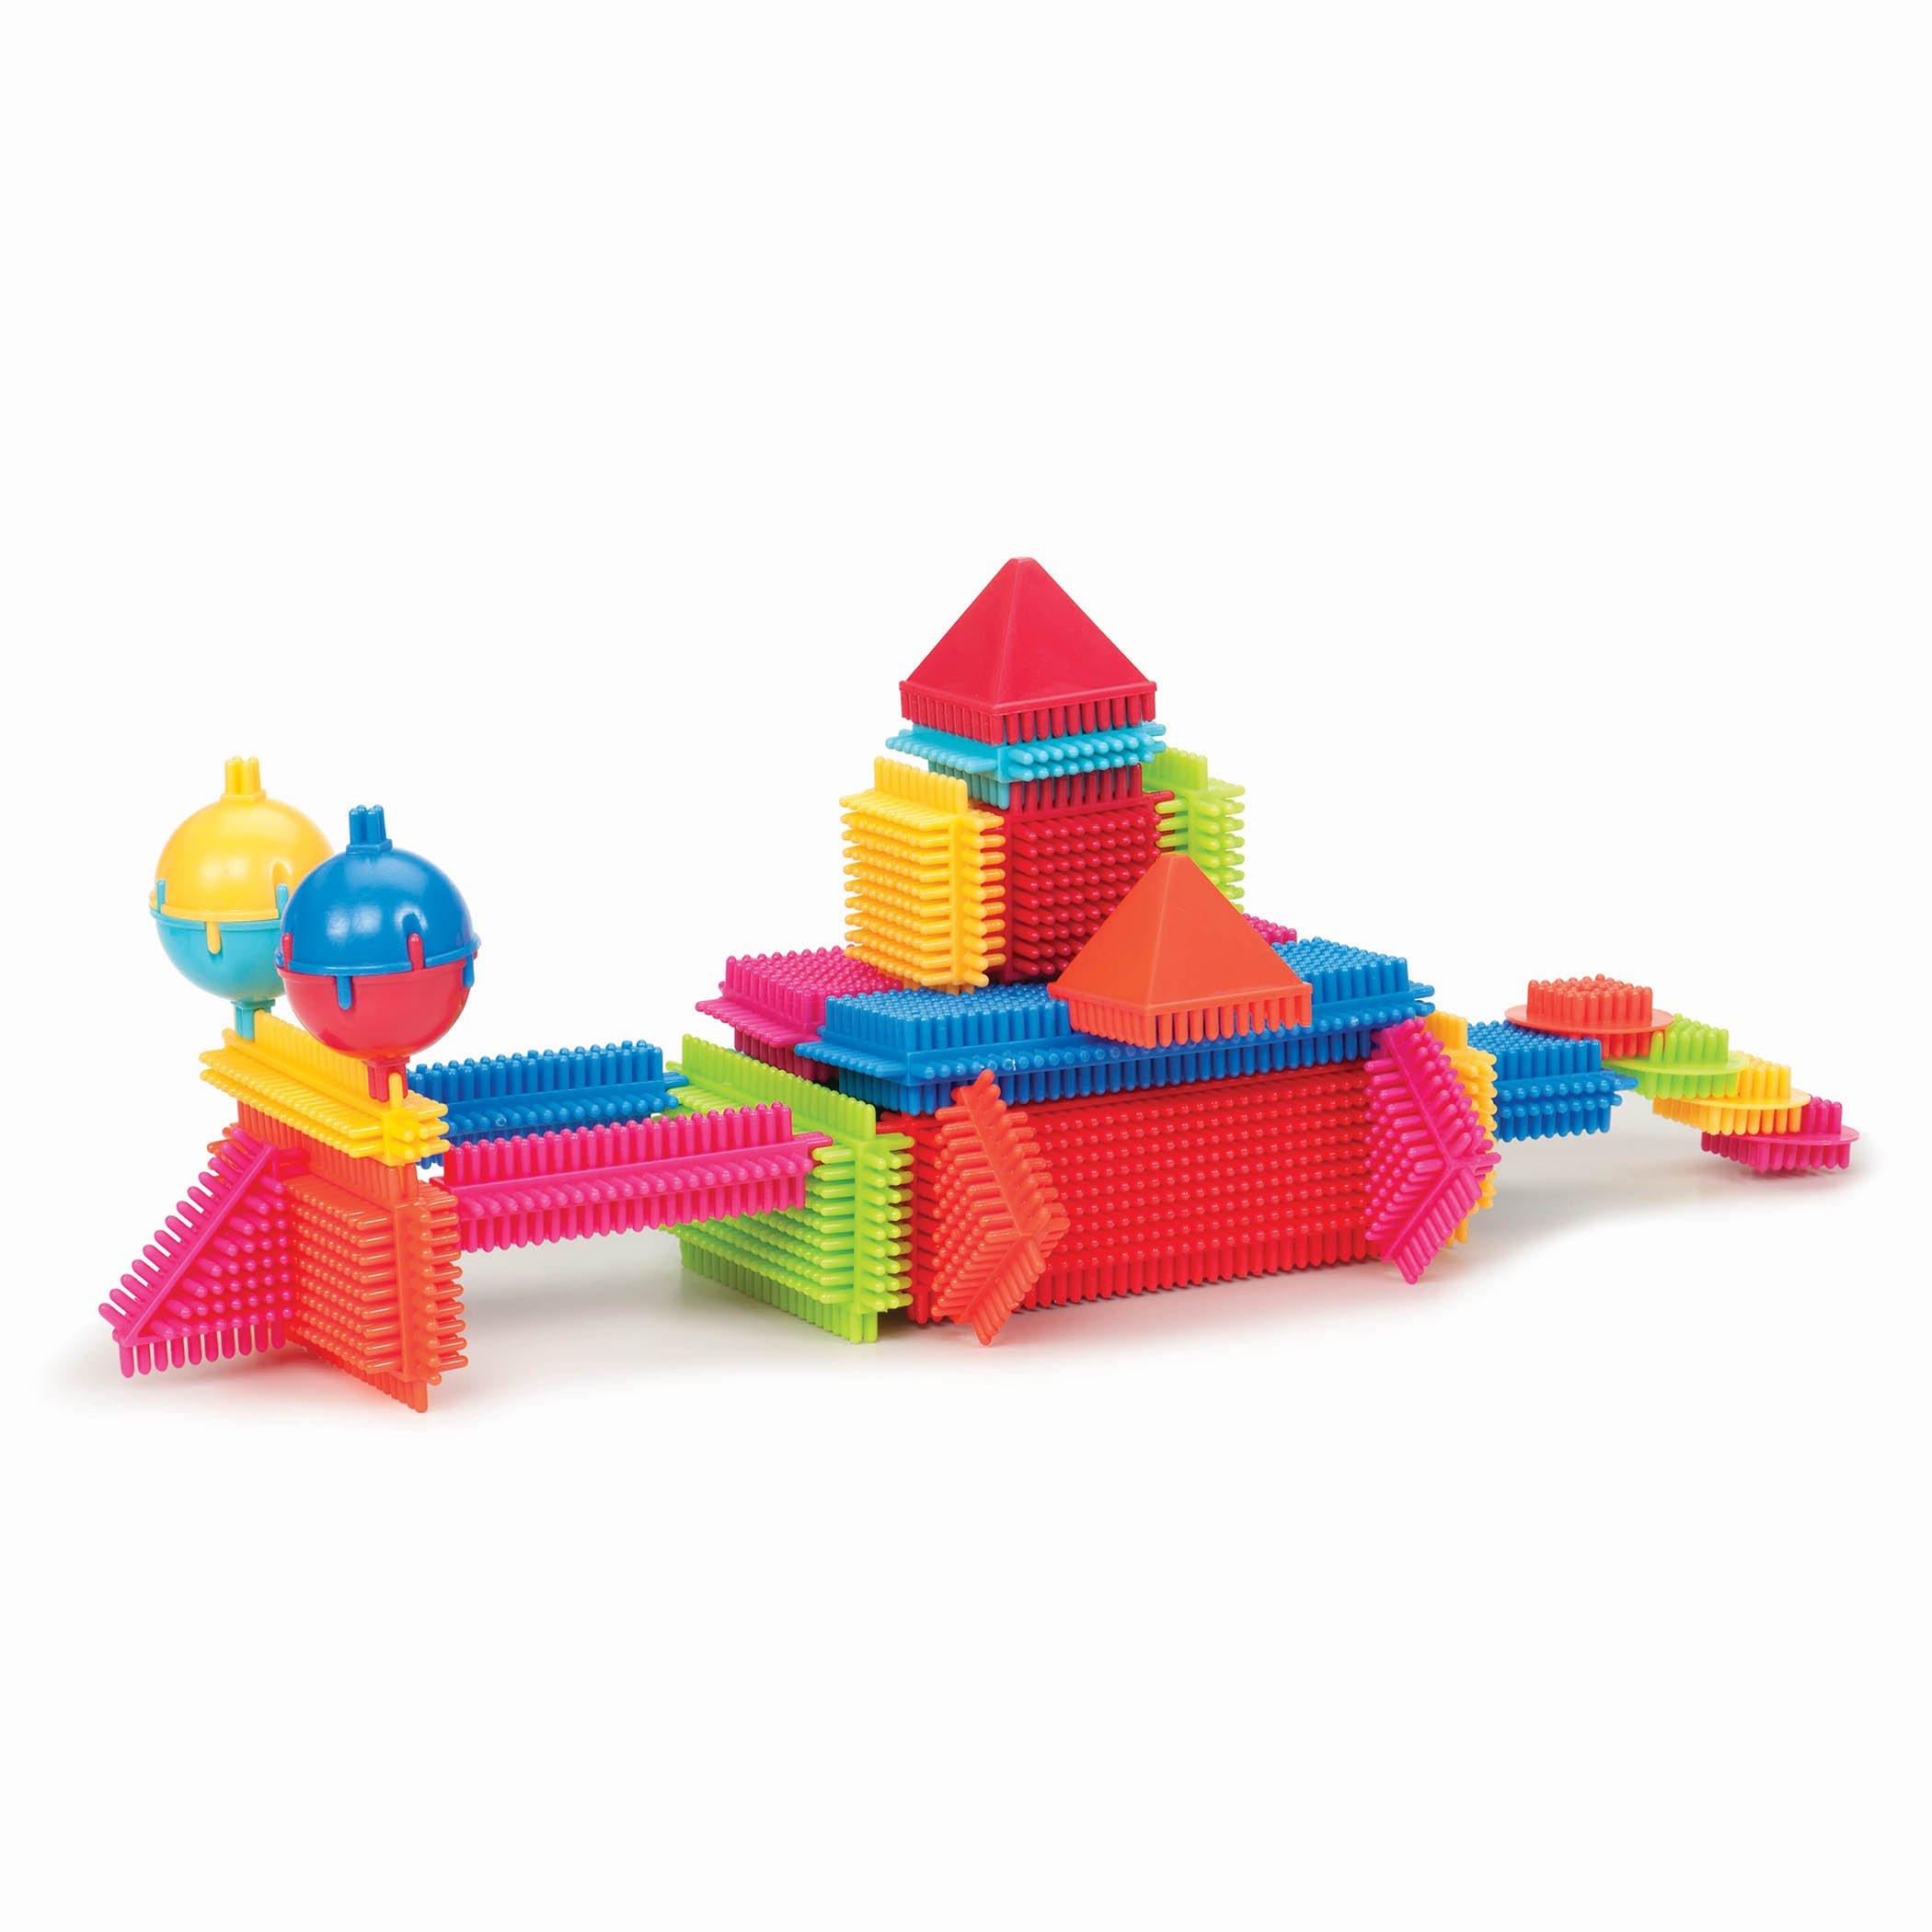 Bristle Blocks By Battat The Official Bristle Blocks 80 Pieces